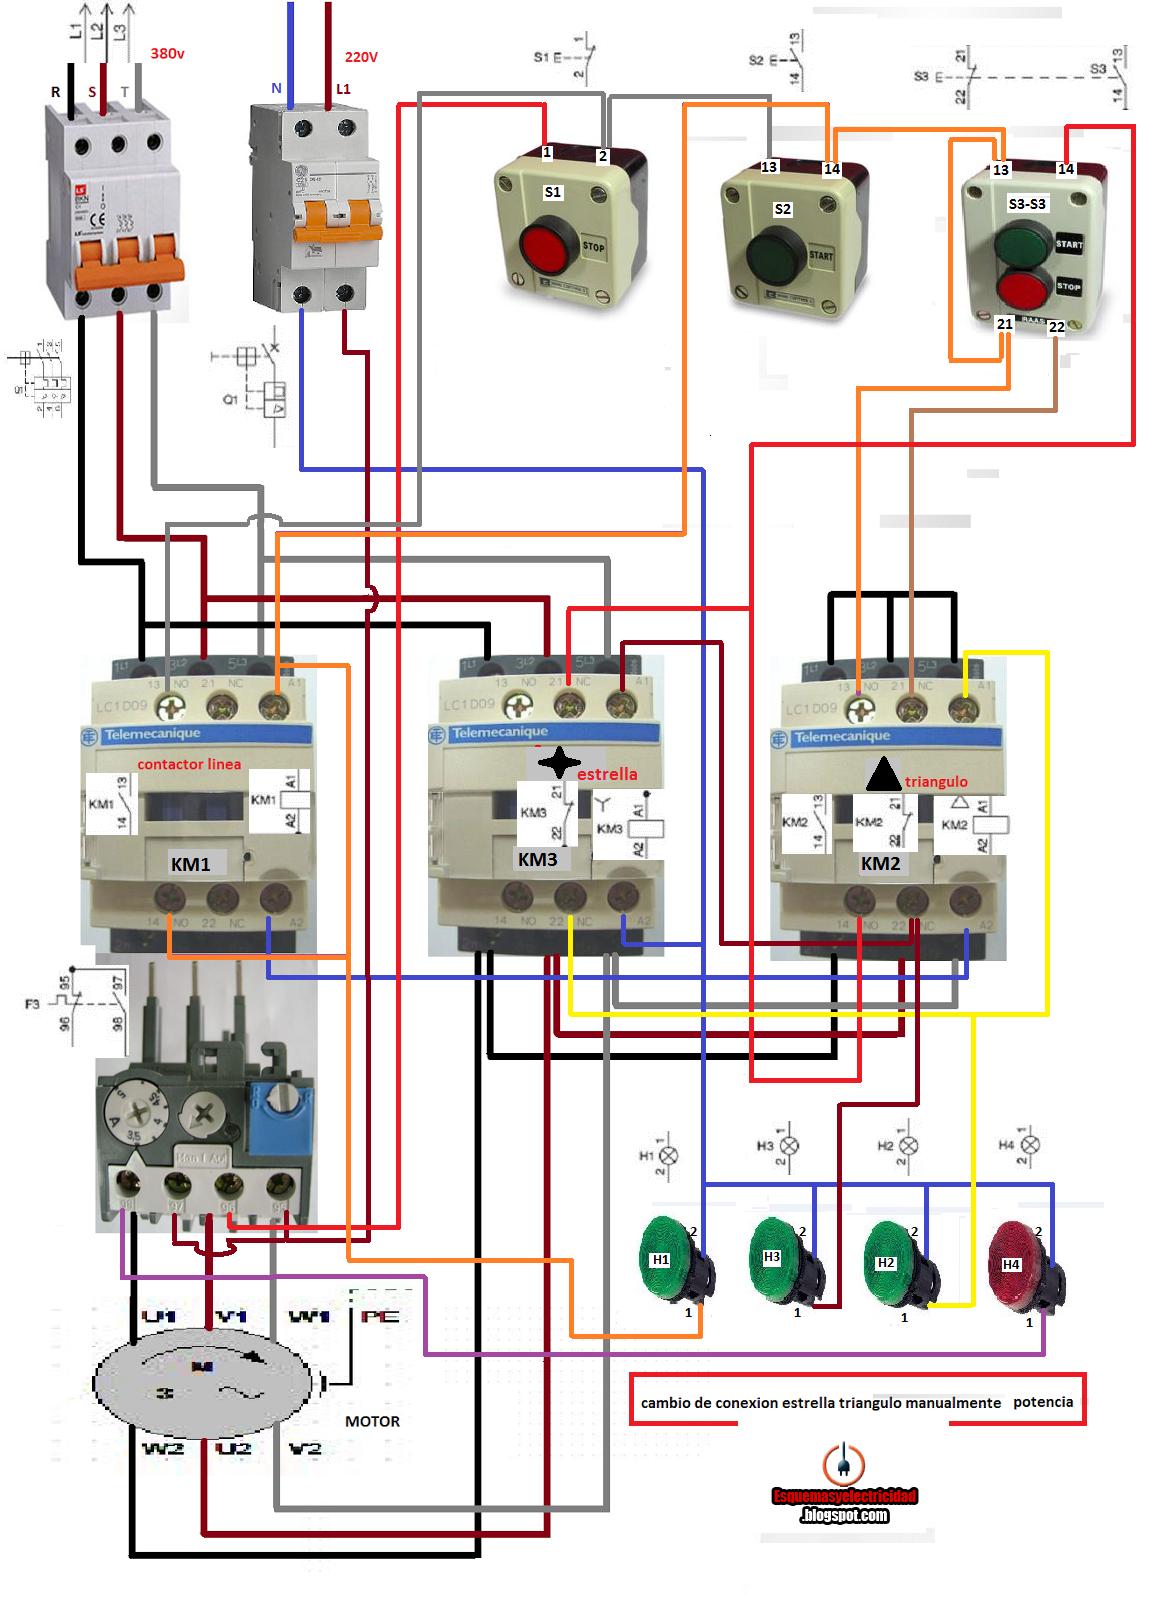 Pin De Sudiargo Em Diagram Em 2019